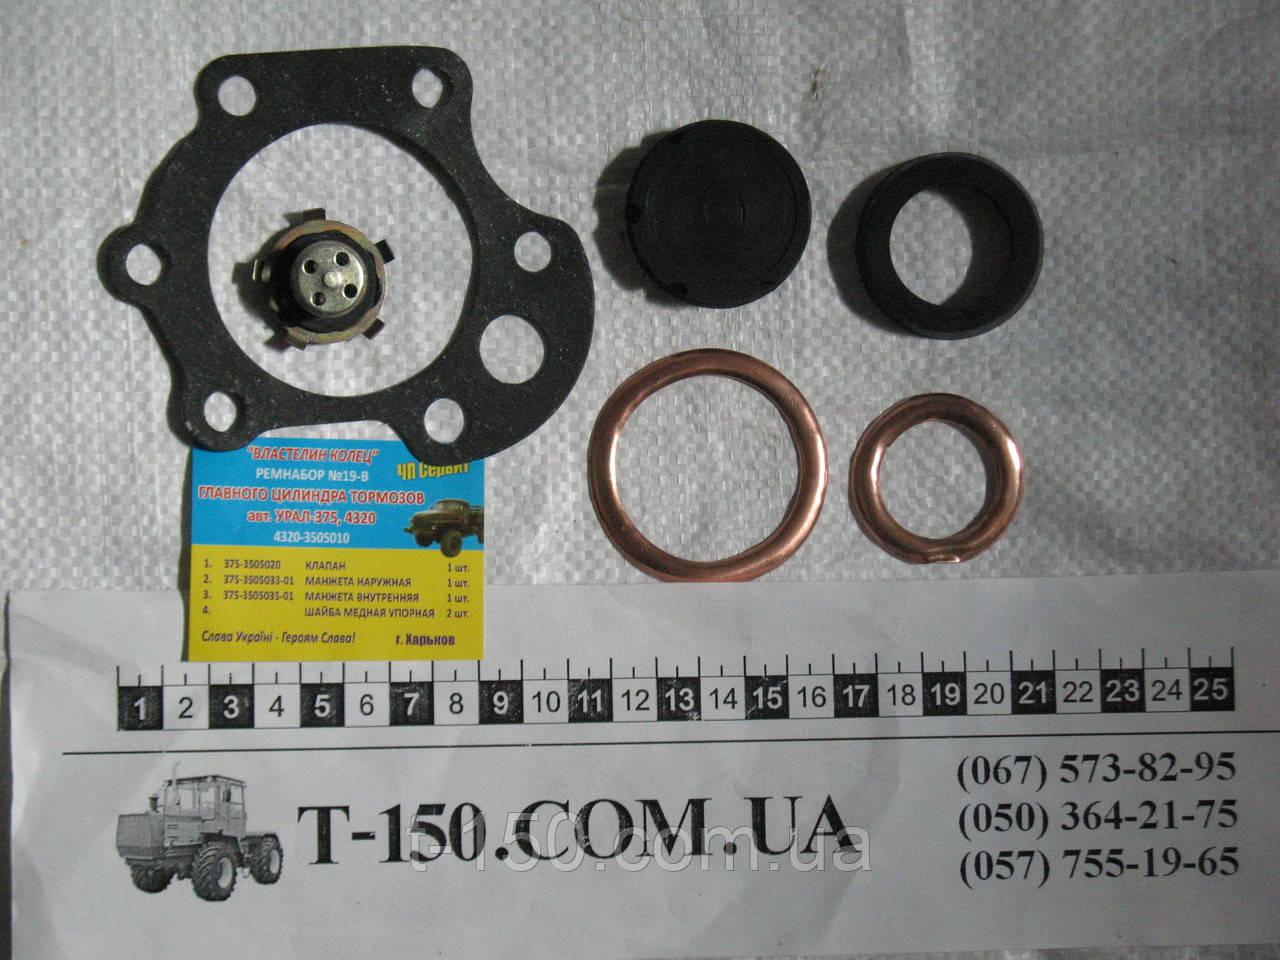 Ремкомплект главного тормозного цилиндра УРАЛ-4320,-375 и пневмоусилителя (полный 6 наимен.)